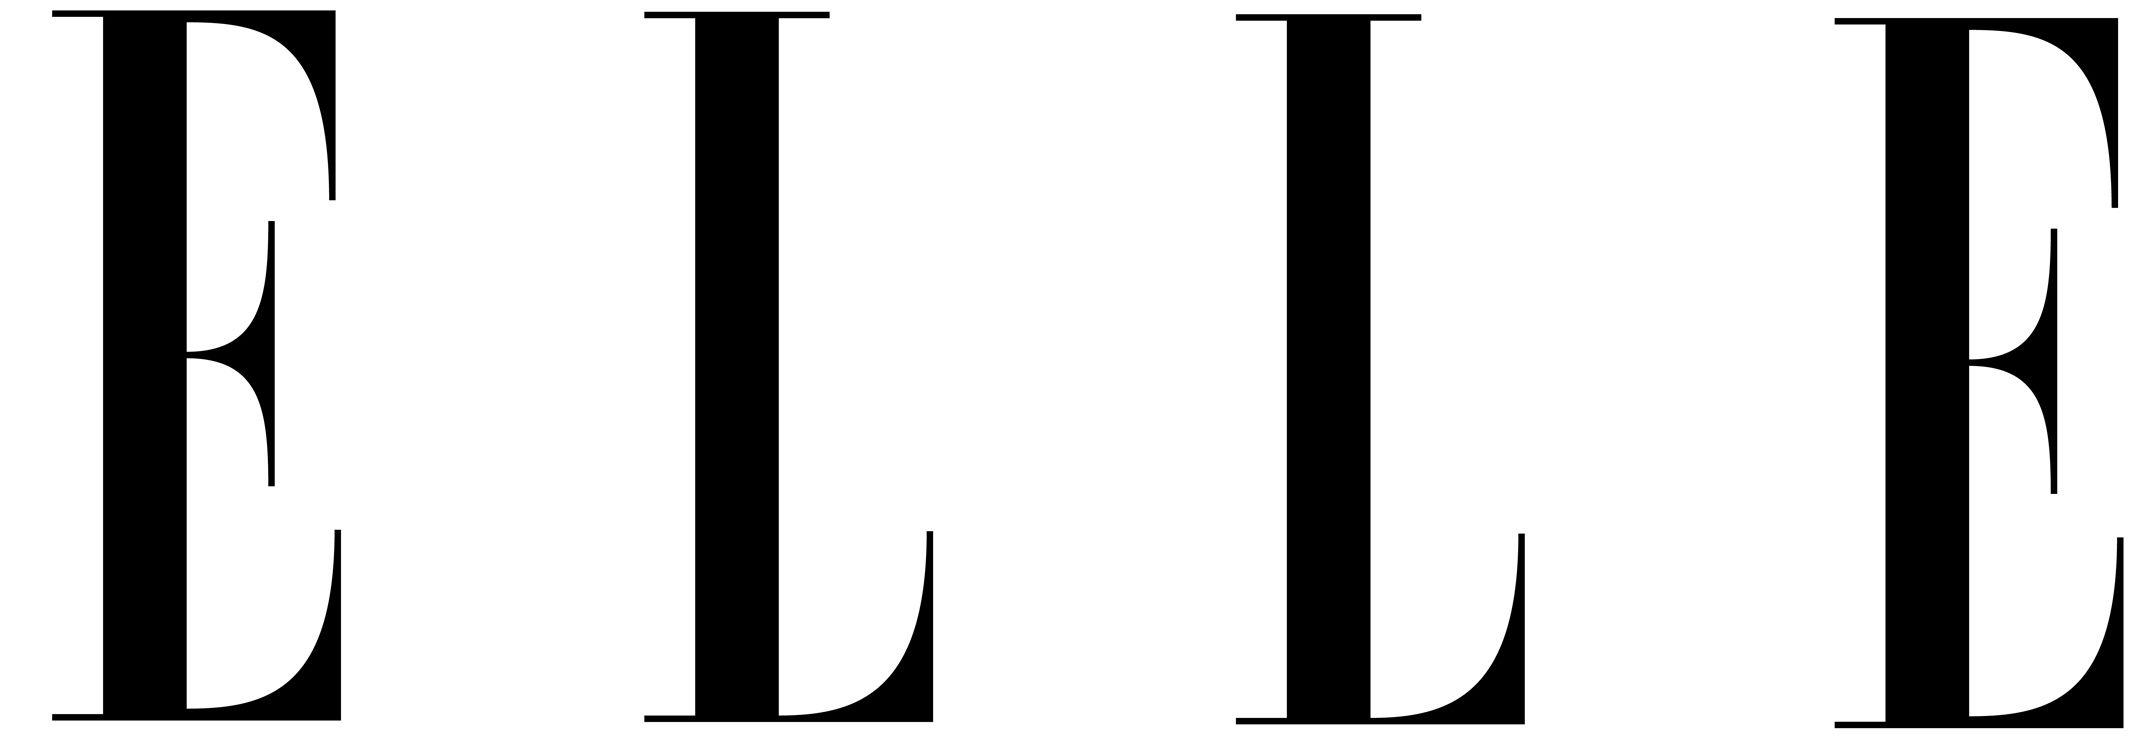 elle logo black logo fashion pinterest affiner sa taille programme nutrition et perdre. Black Bedroom Furniture Sets. Home Design Ideas